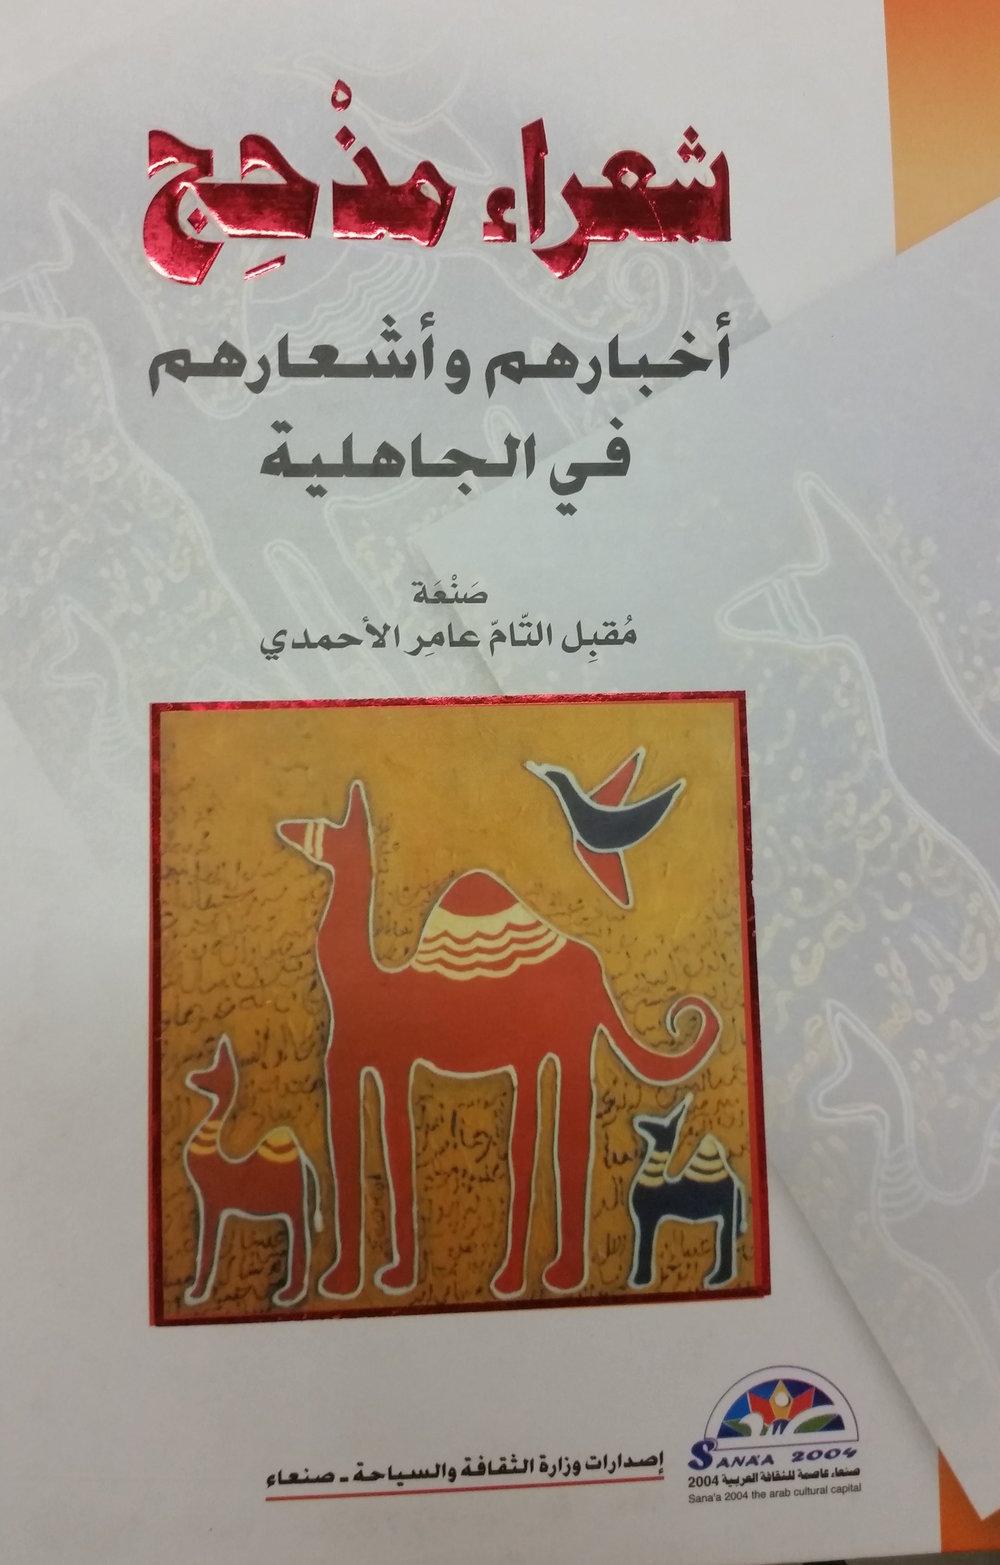 Ṣanʻat Muqbil al-Tāmm ʻĀmir al-Aḥmadī (Sanʻā' : Wizārat al-Thaqāfah wa-l-Siyāḥah, 1425 [2004])